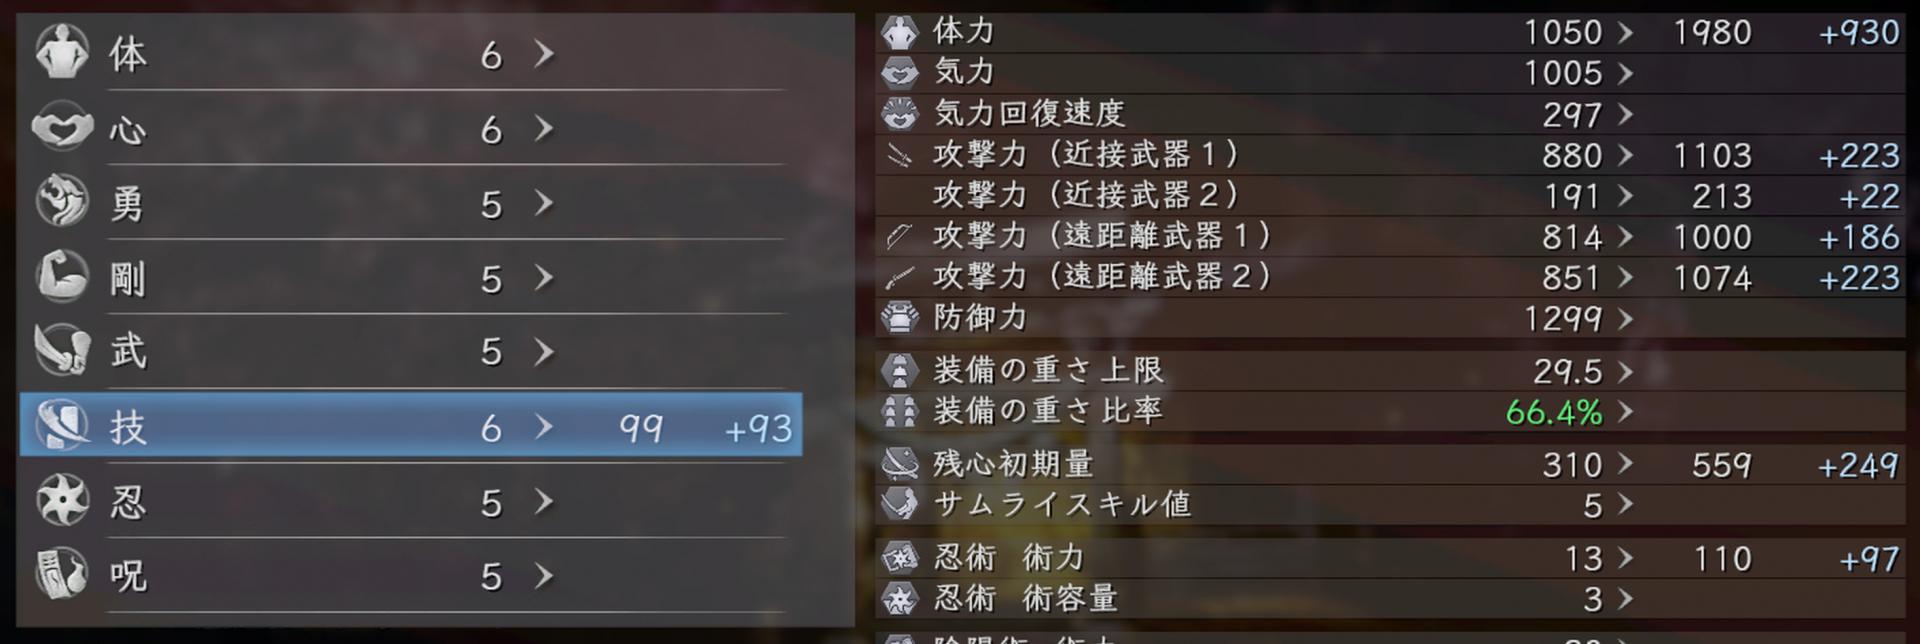 仁王2 斧ビルド